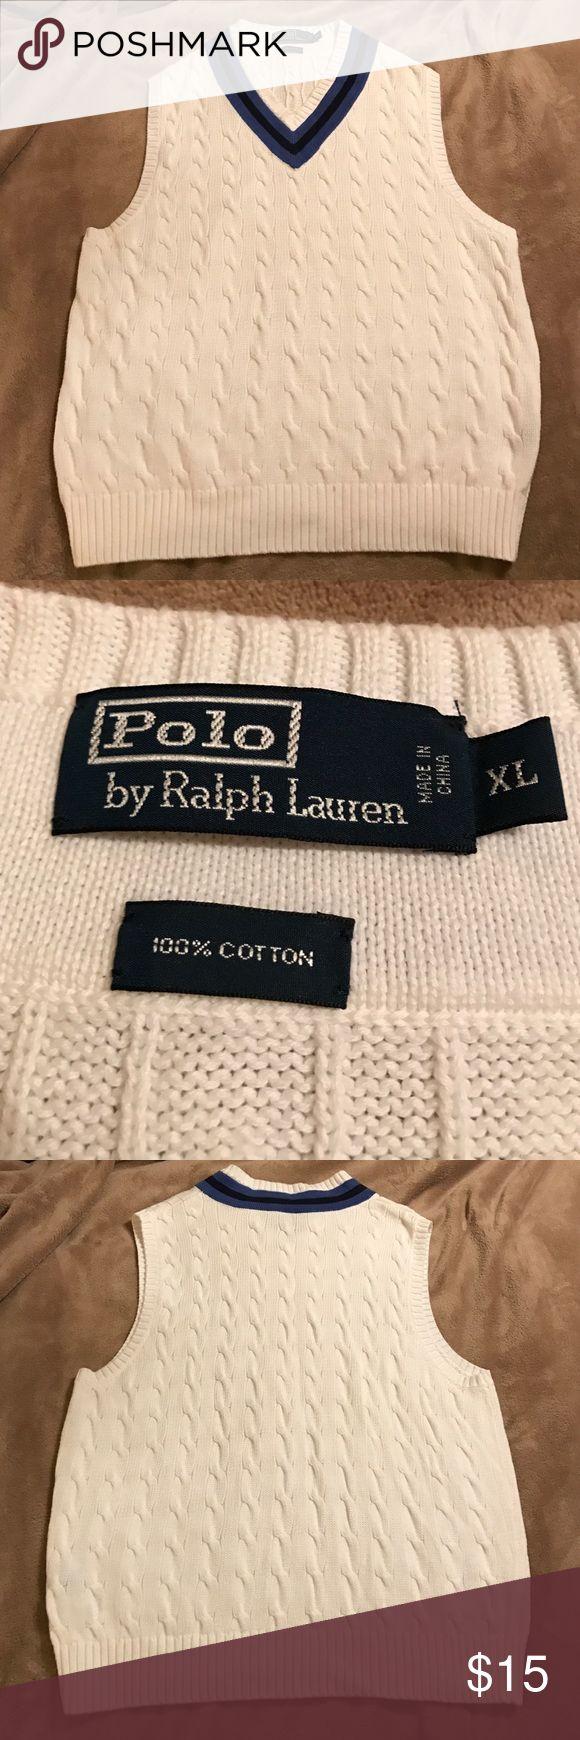 Like New!!!  Men's Ralph Lauren Polo Sweater Vest Like New!!!  Men's Ralph Lauren Polo Sweater Vest in size XL. Polo by Ralph Lauren Sweaters V-Neck